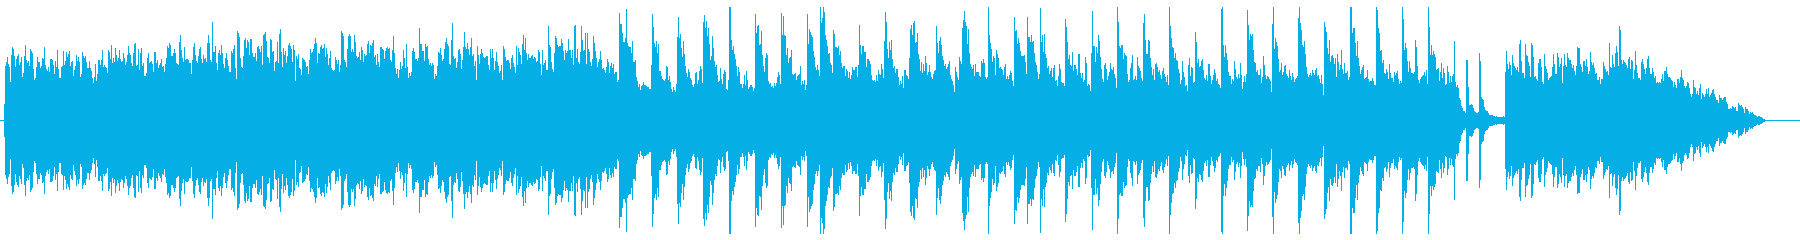 ゆったりした優しい雰囲気のヒーリング曲の再生済みの波形